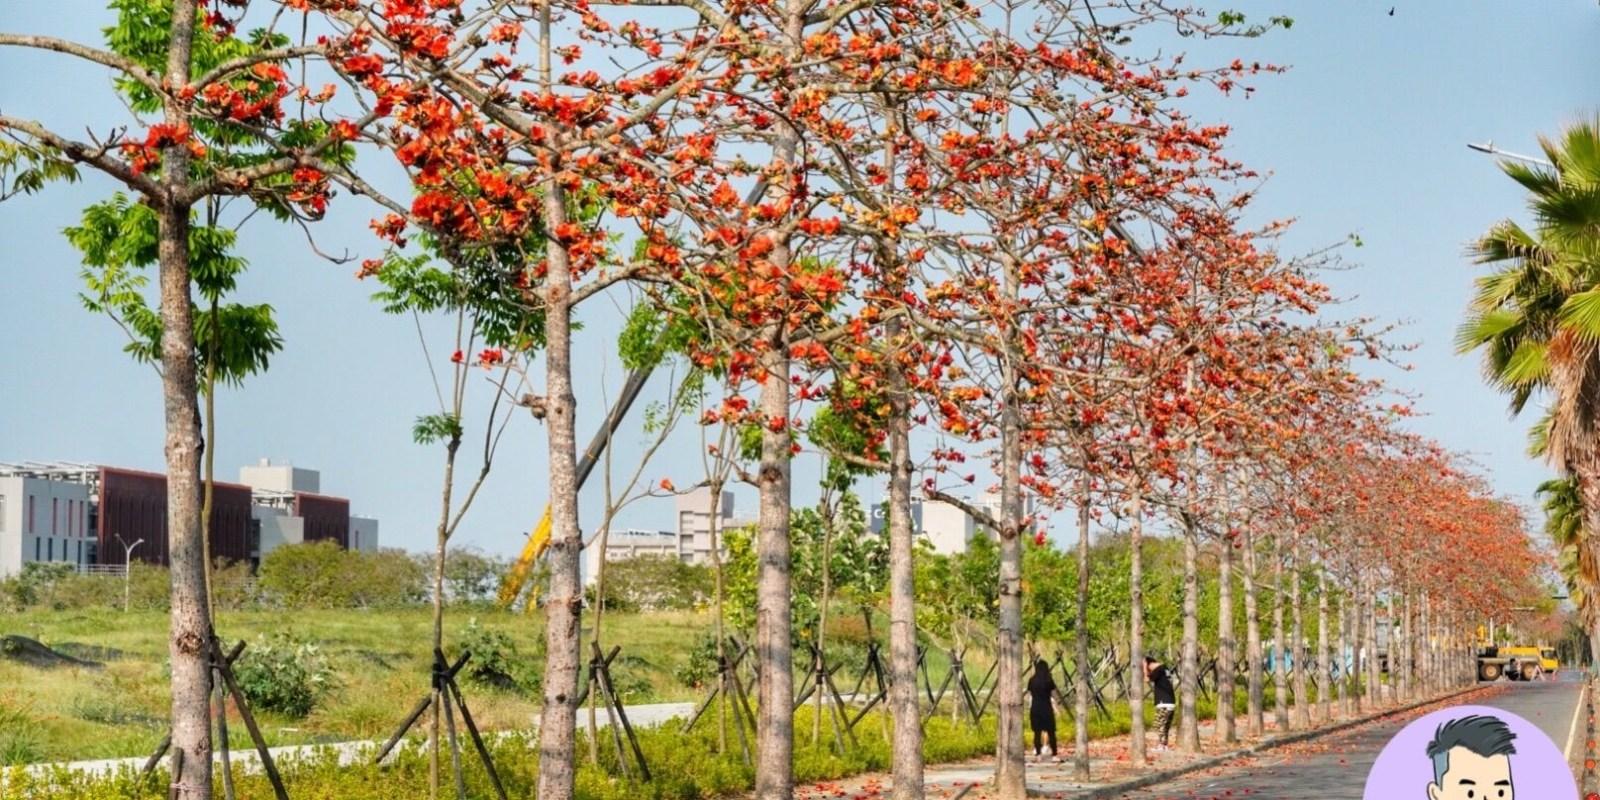 台南景點【台南高鐵木棉花大道】季節限定的橘紅色花海美景!370株木棉花 全長約700米